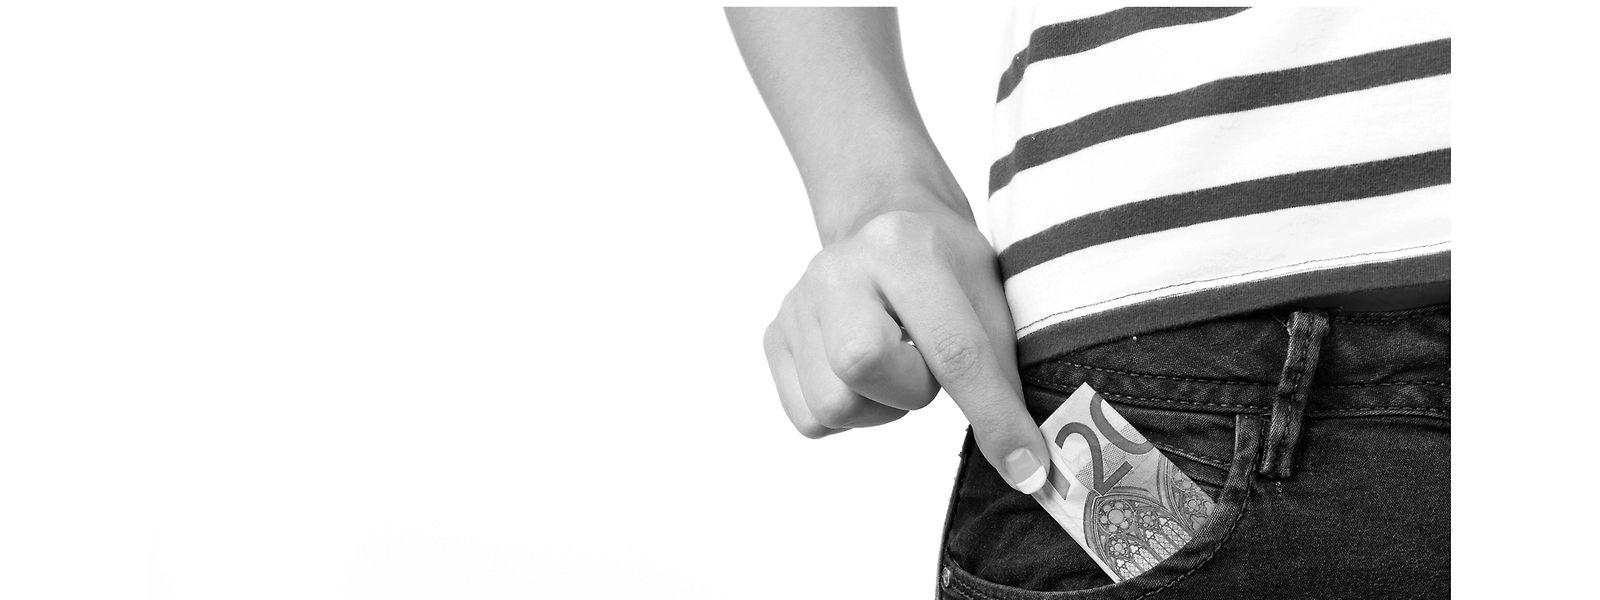 Laut Studie sind Frauen bei Investitionen weniger risikofreudig als Männer.